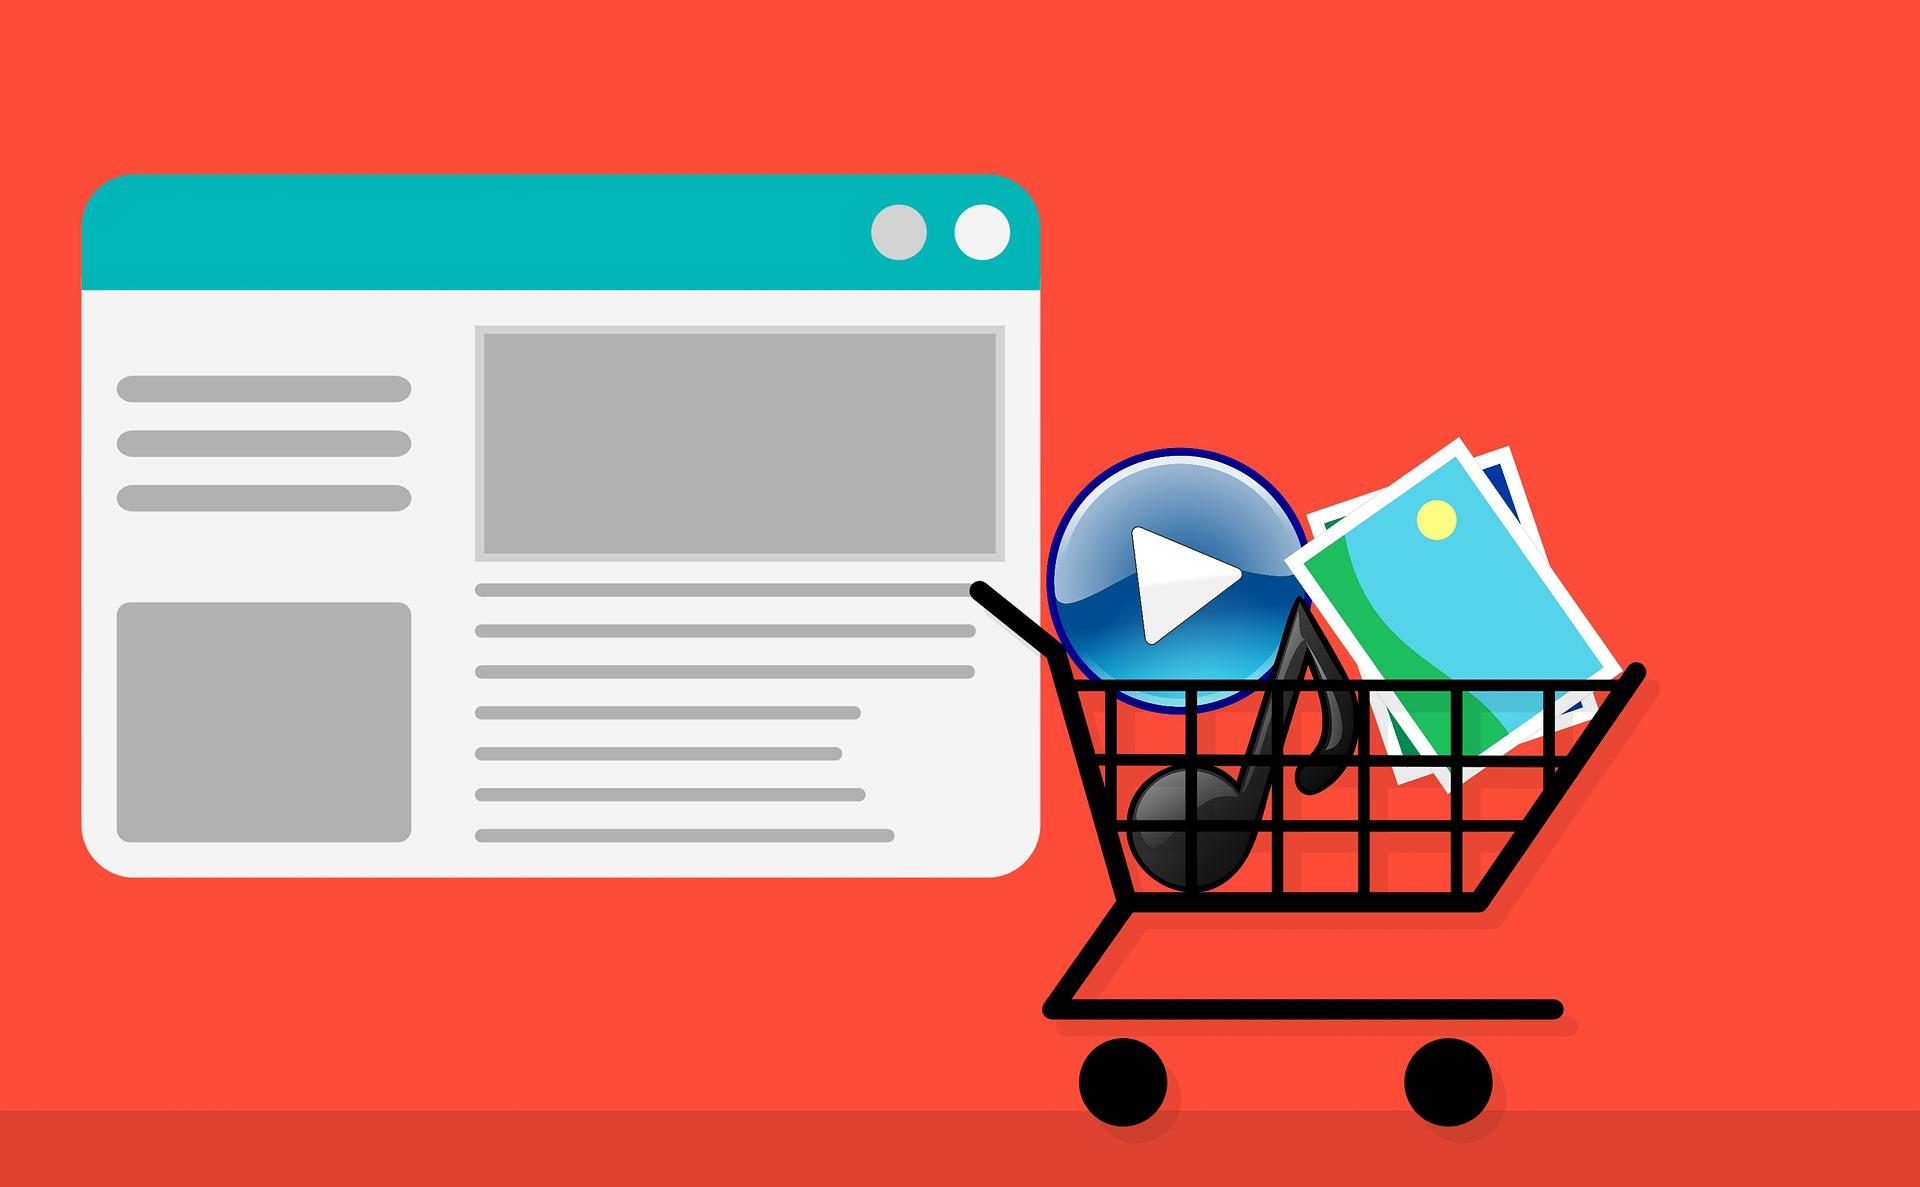 Scatti indimenticabili: come vendere foto online